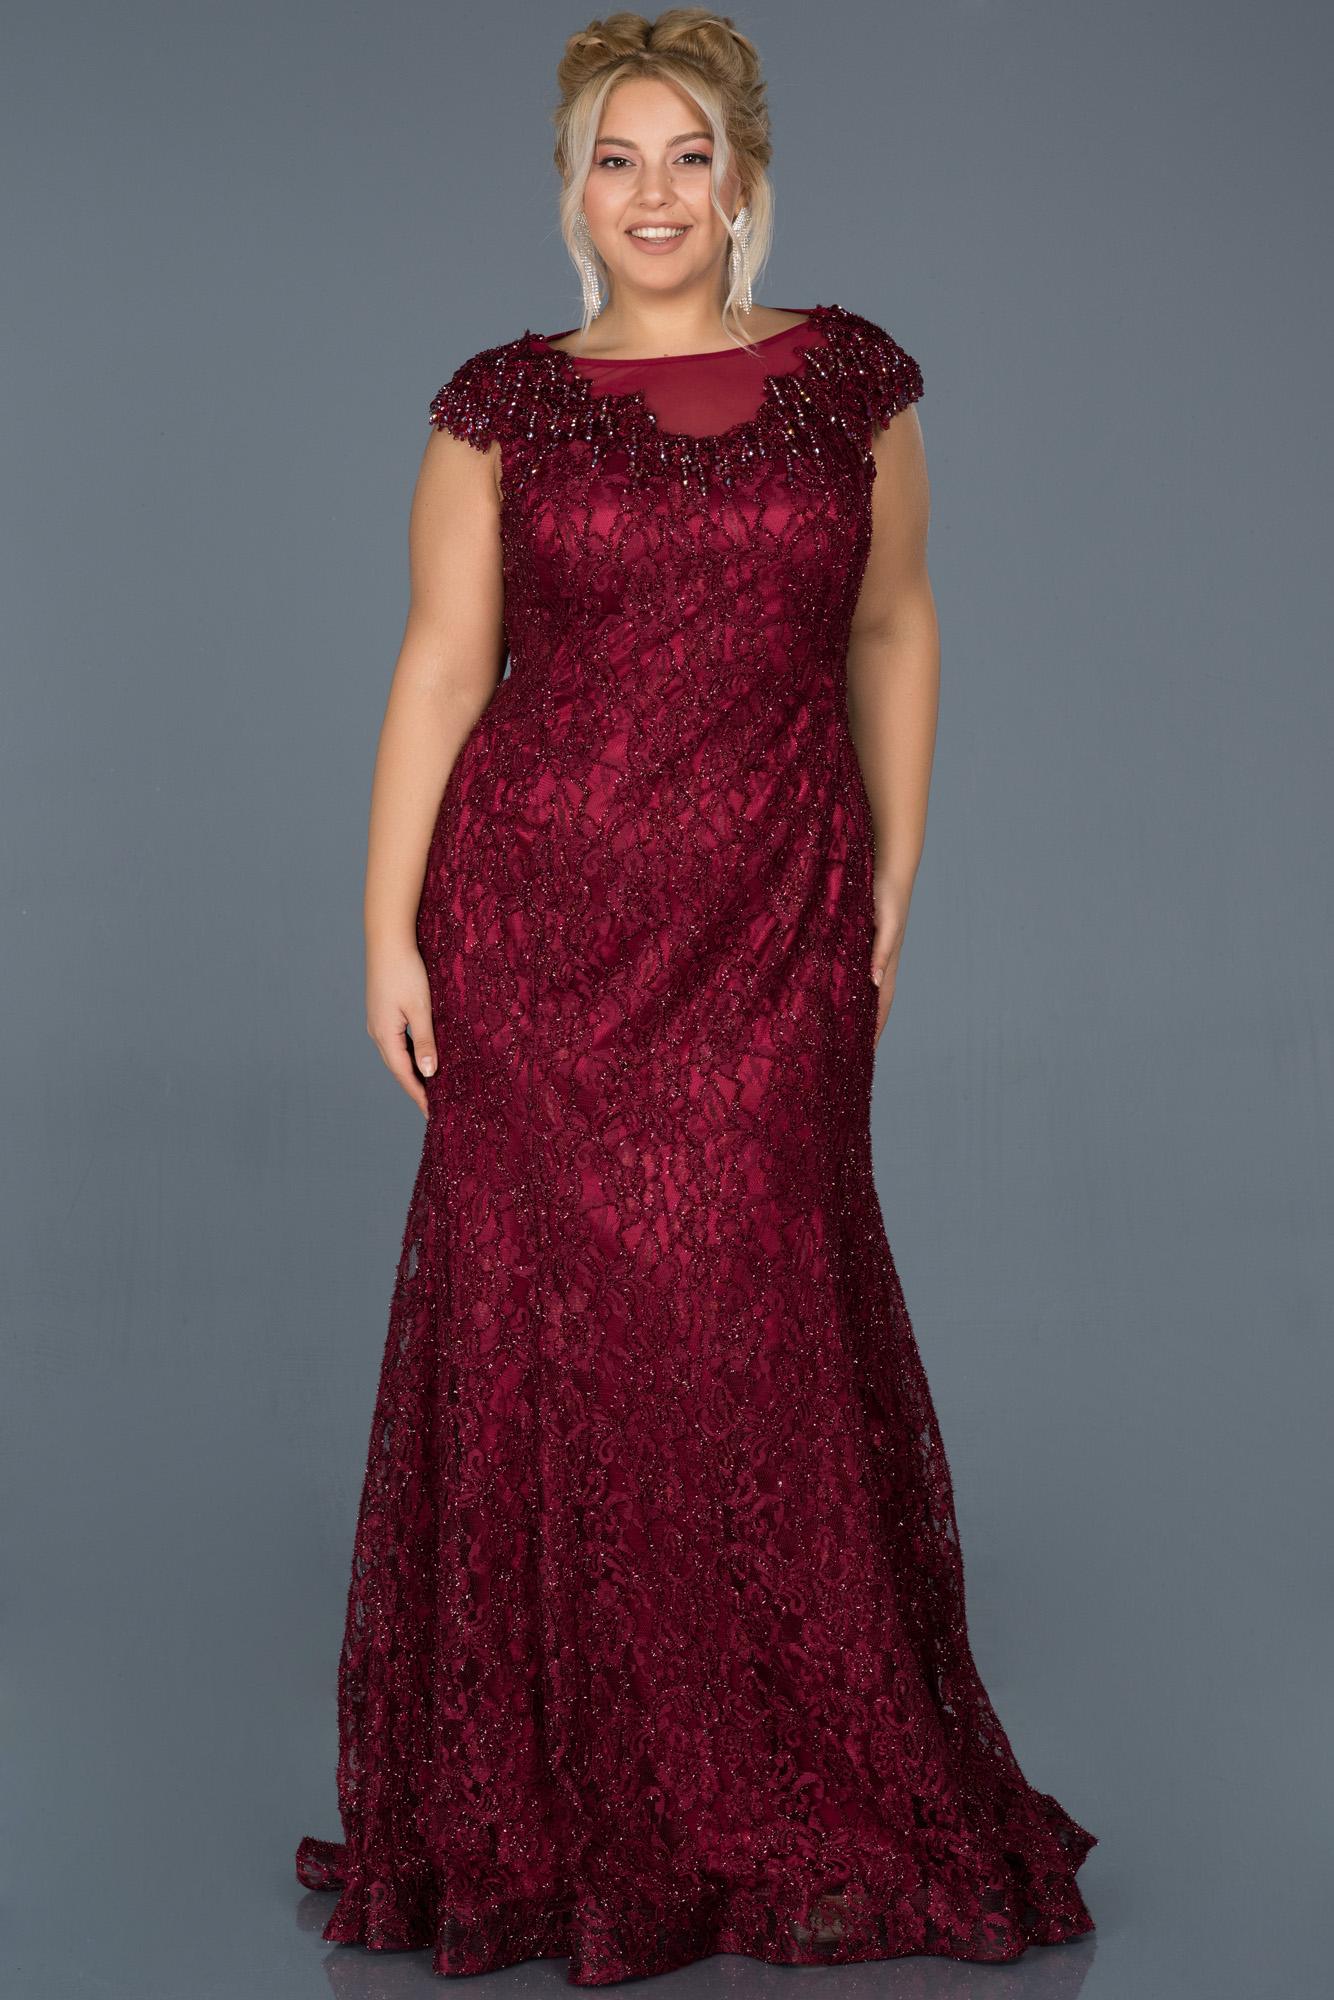 Bordo Güpürlü Taş Işlemeli Büyük Beden Nişan Elbisesi